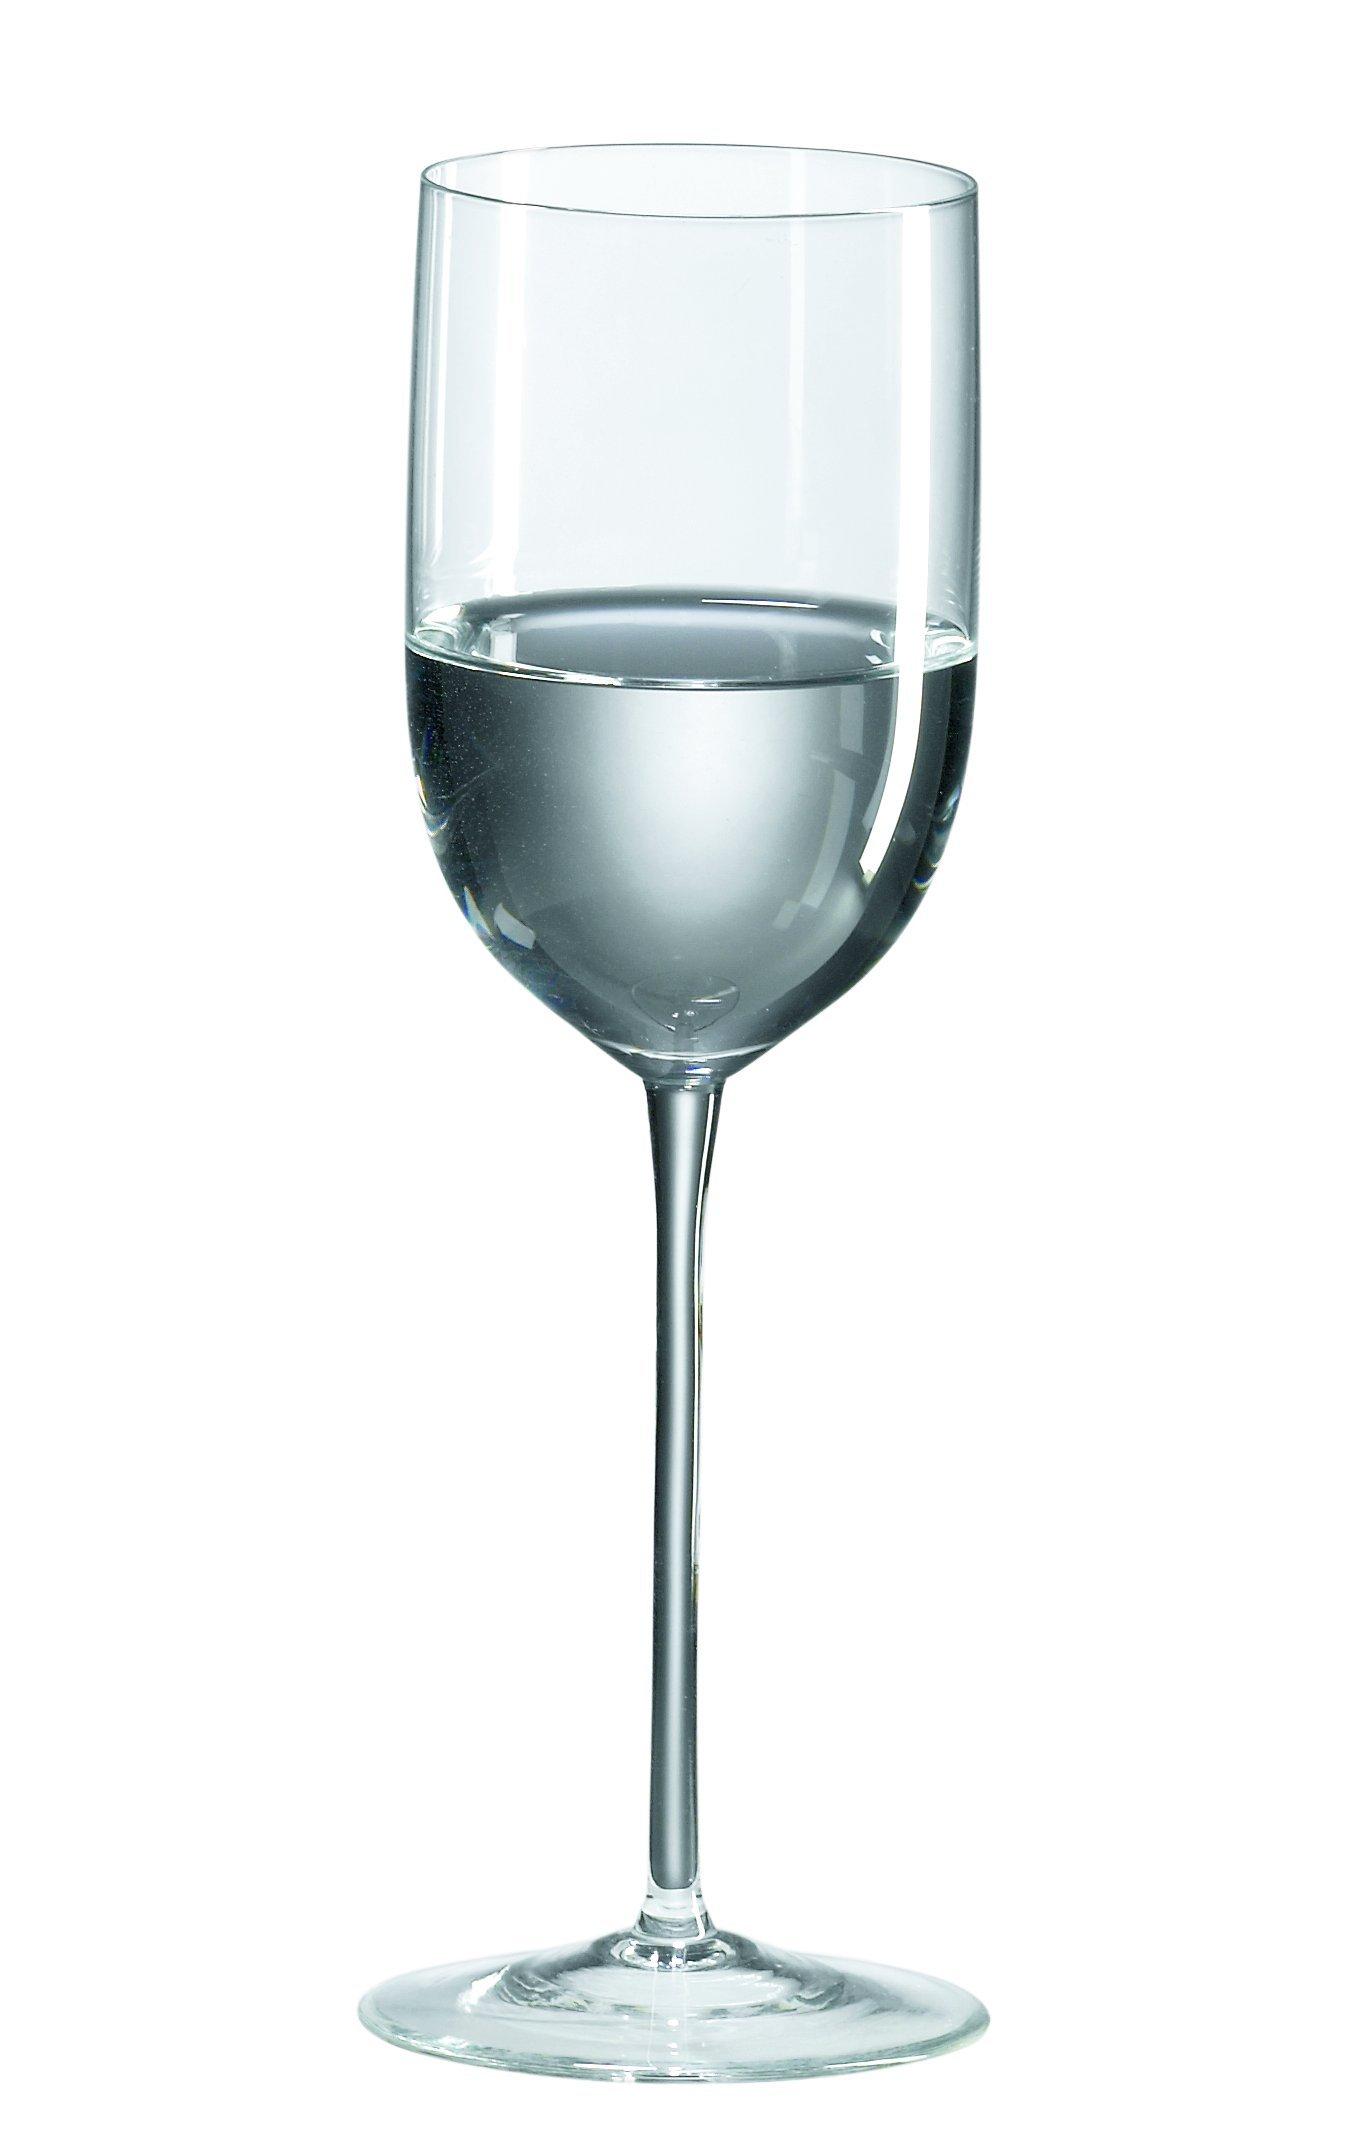 Ravenscroft Crystal Long Stem Mineral Water Glass, Set of 4